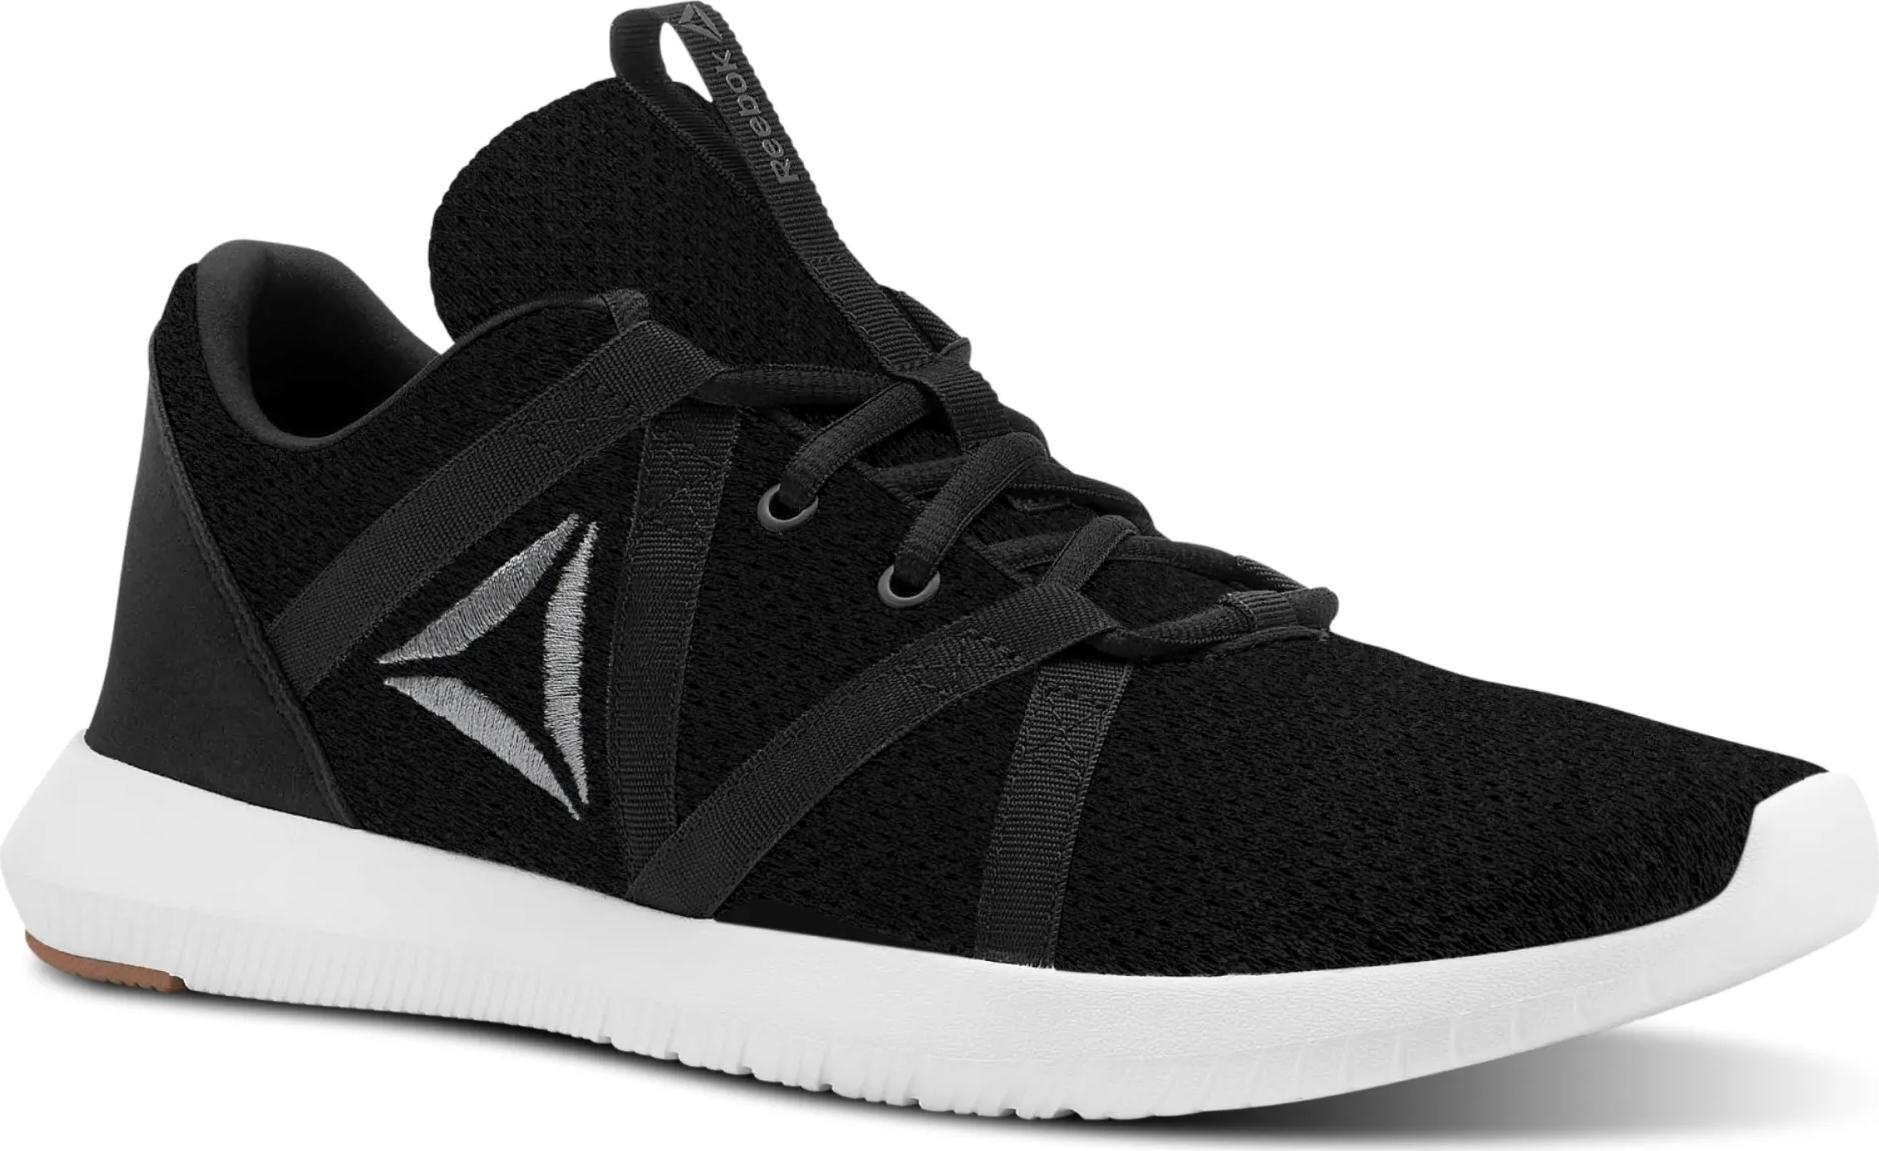 Кроссовки Reebok Reebok Reago Essential кроссовки для фитнеса мужские reebok reebok reago essential цвет темно синий cn7217 размер 42 5 9 5